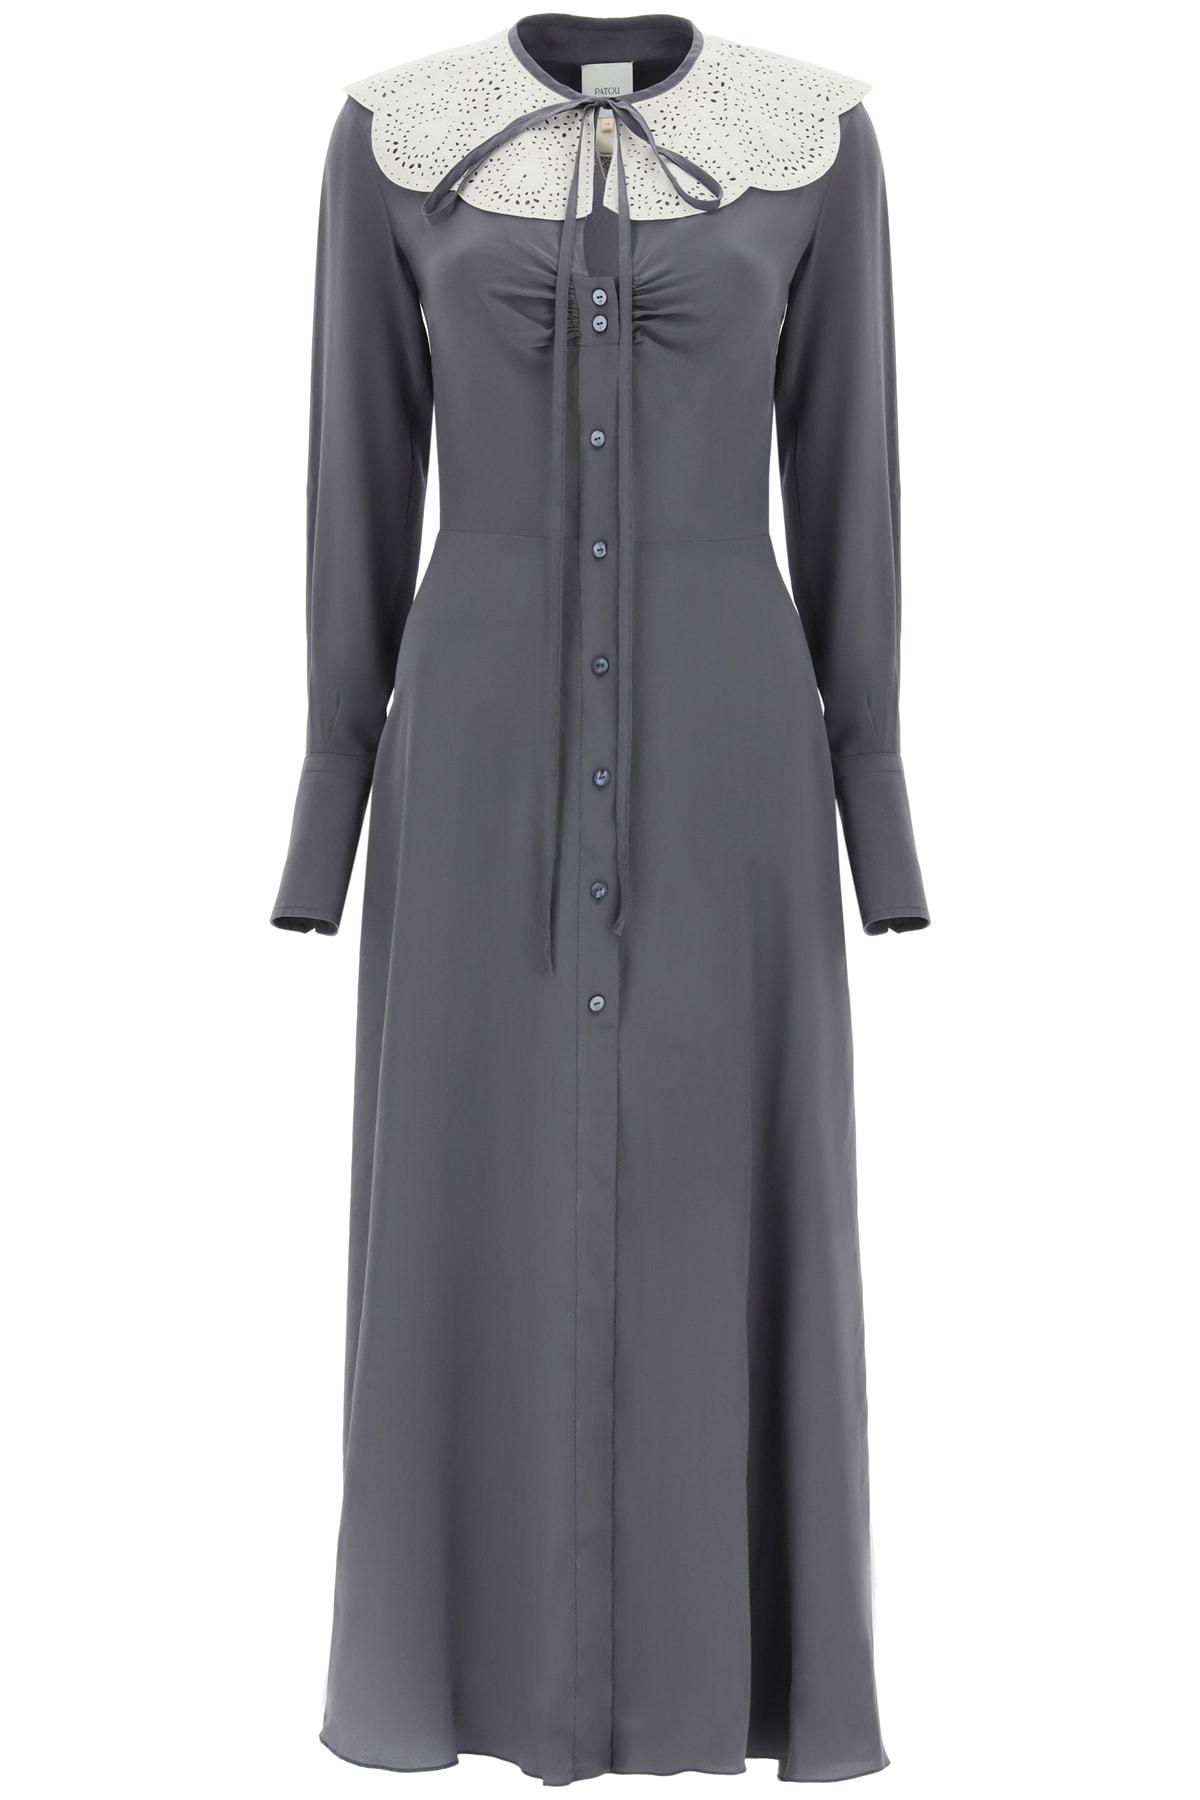 Patou SHIRT DRESS WITH COLLAR